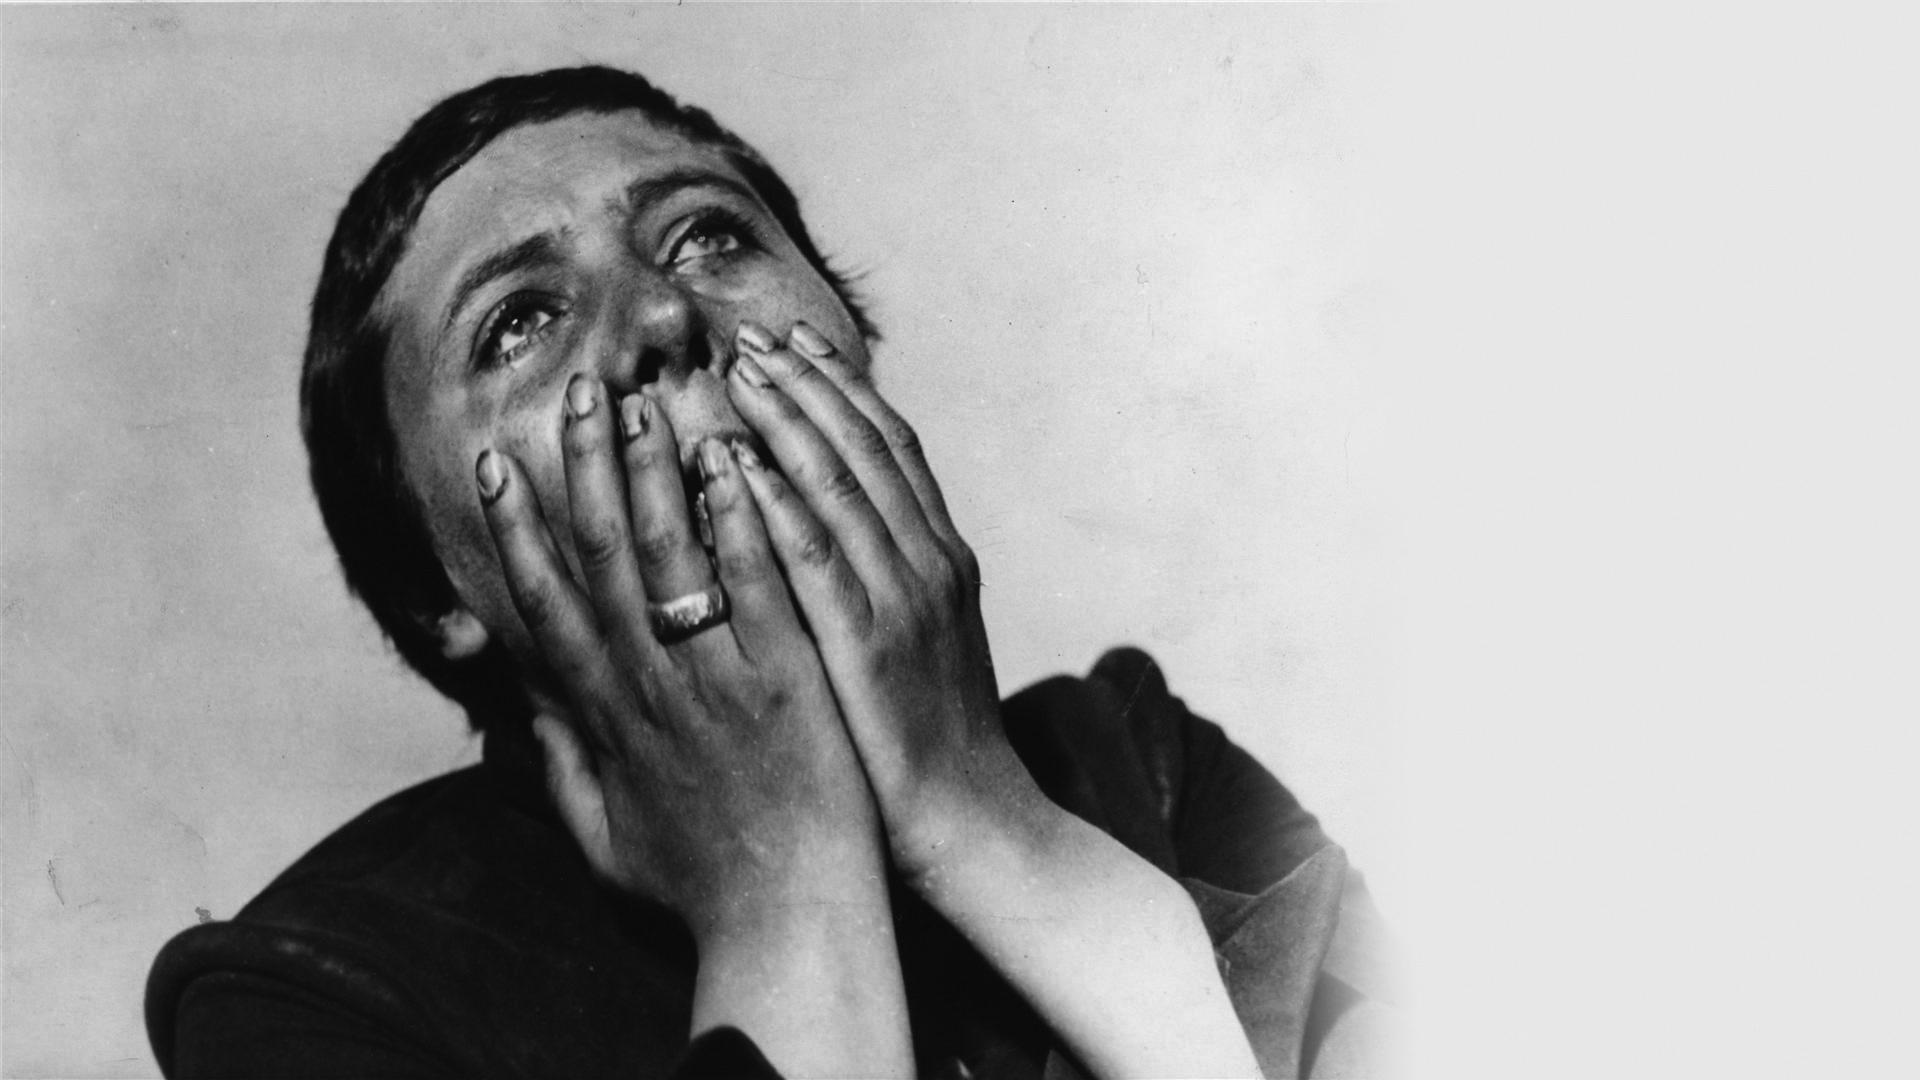 Страсти Жанны д'Арк смотреть фото